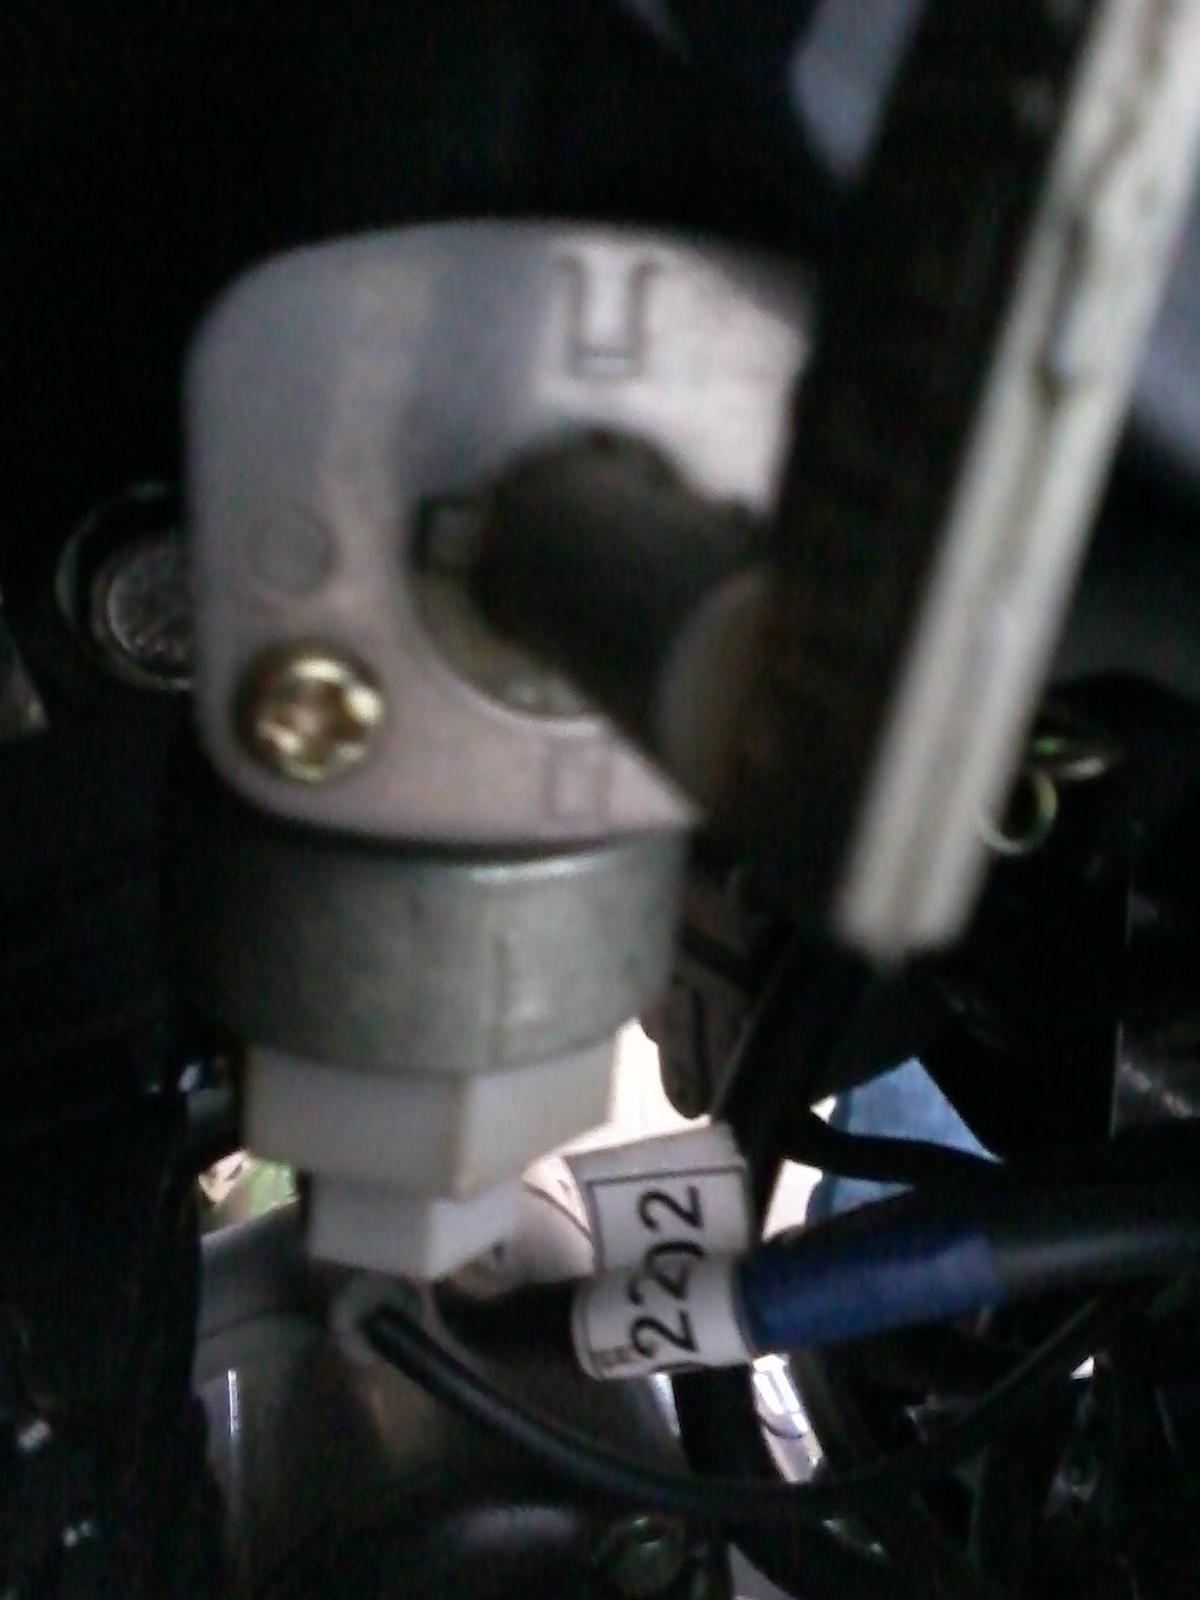 Posición de la llave de combustible. 260y8w5